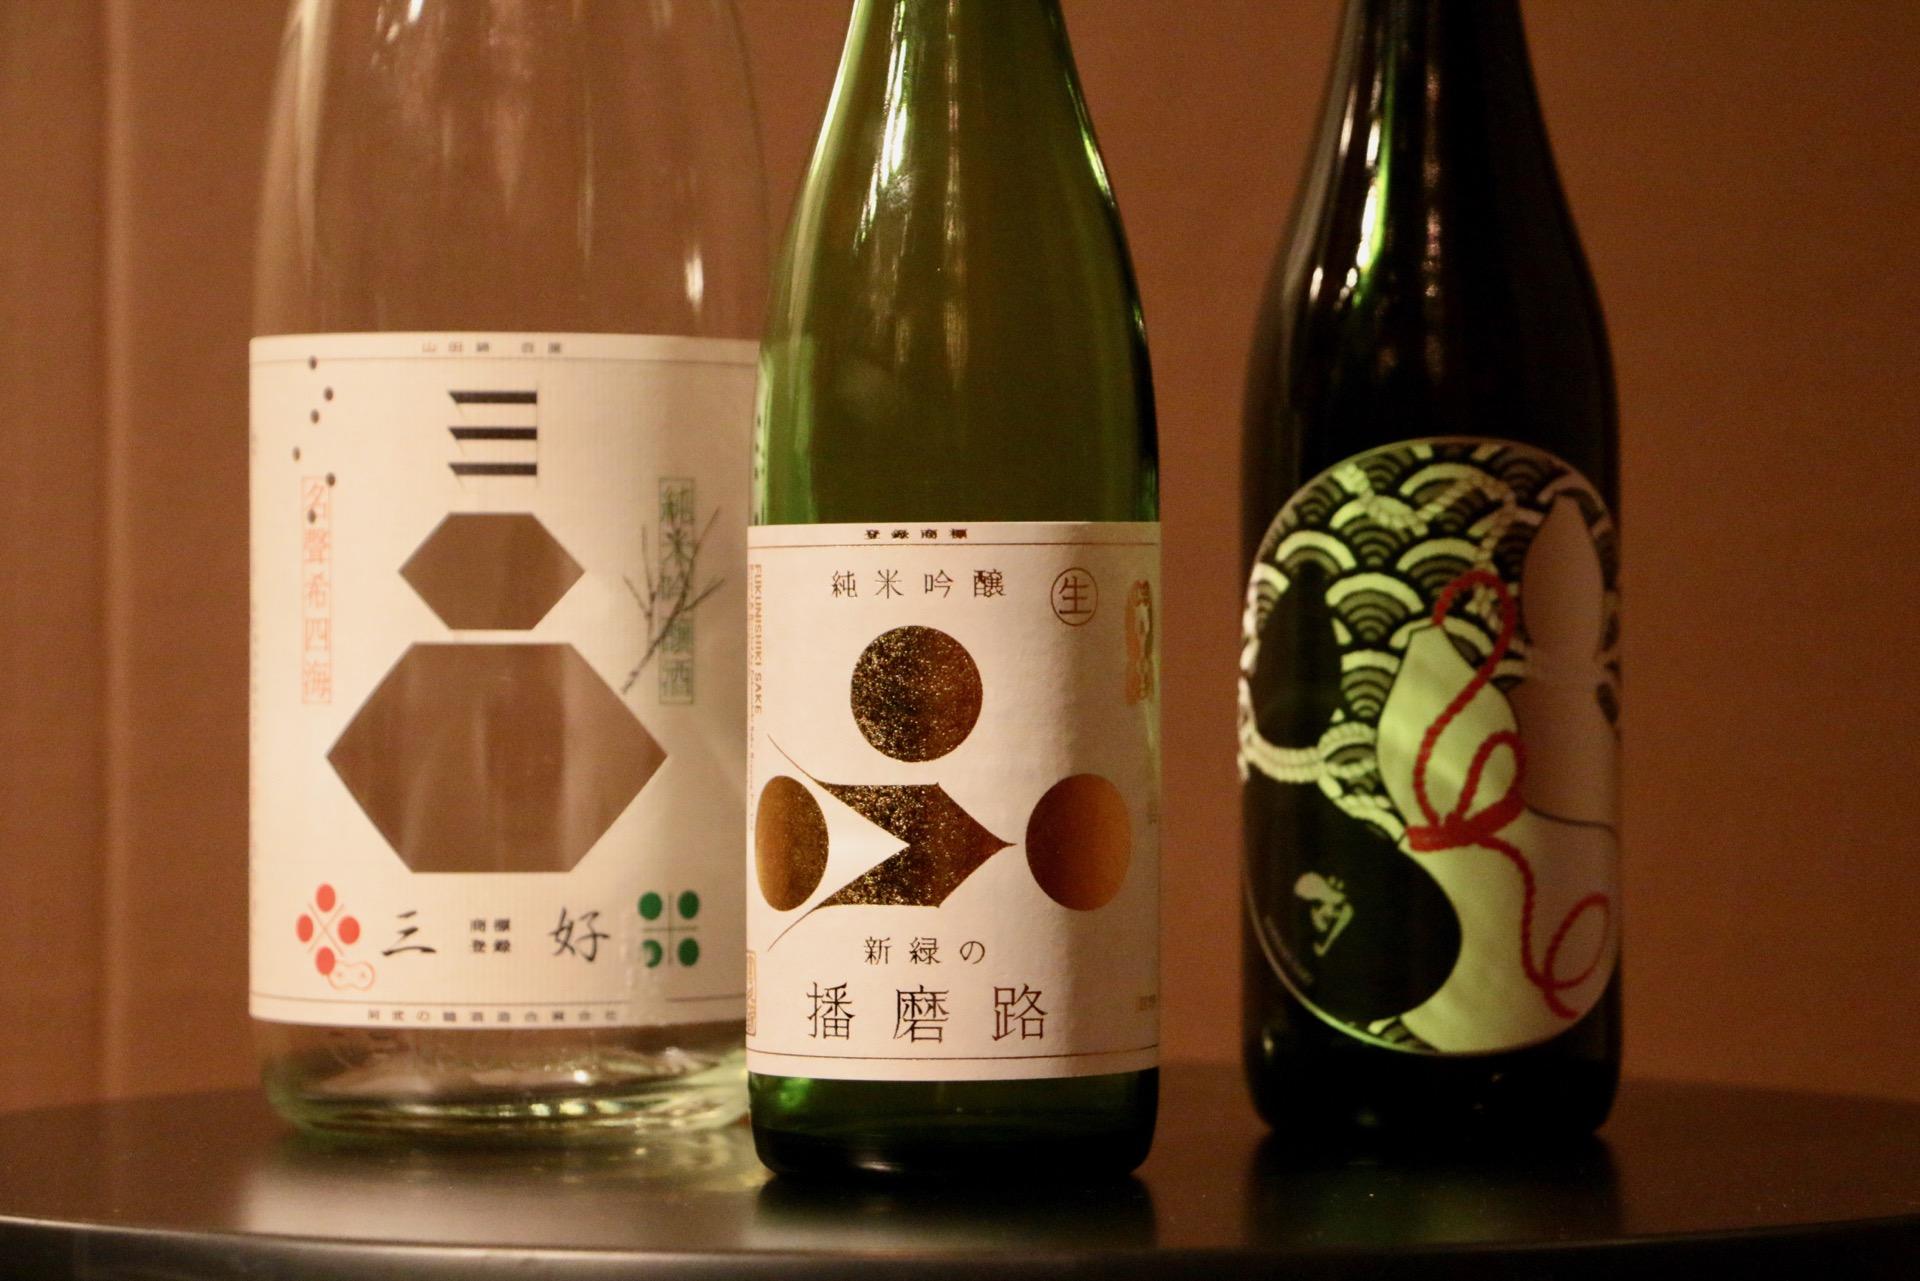 全入賞・出品ラベル ラベルデザイン部門 Sake Competition 2018